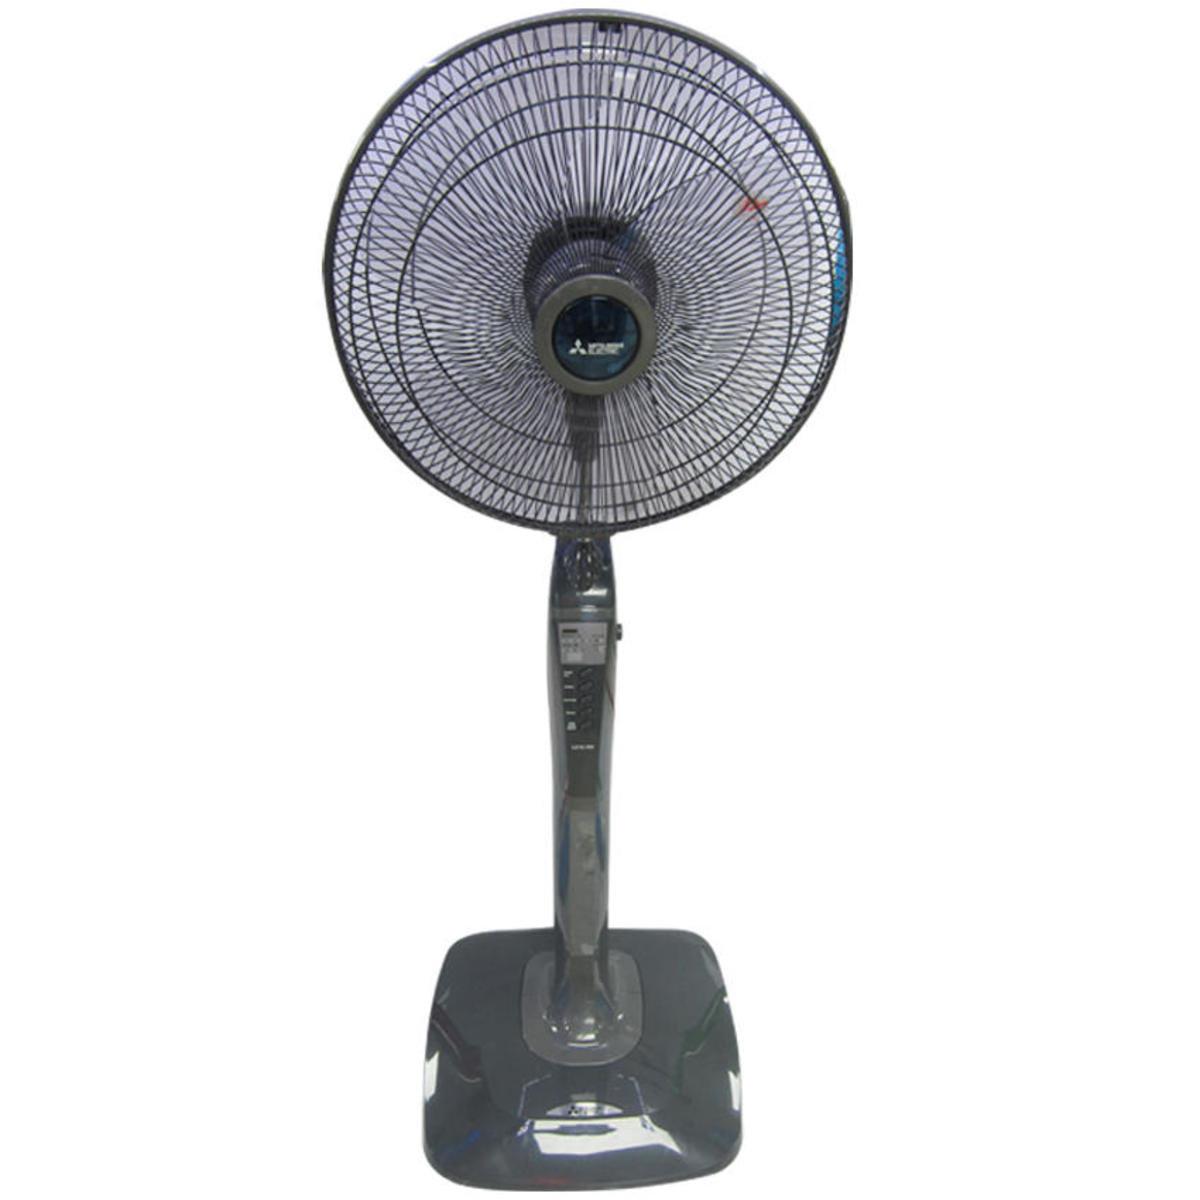 16吋 LV-16RT 無線遙控 座地風扇